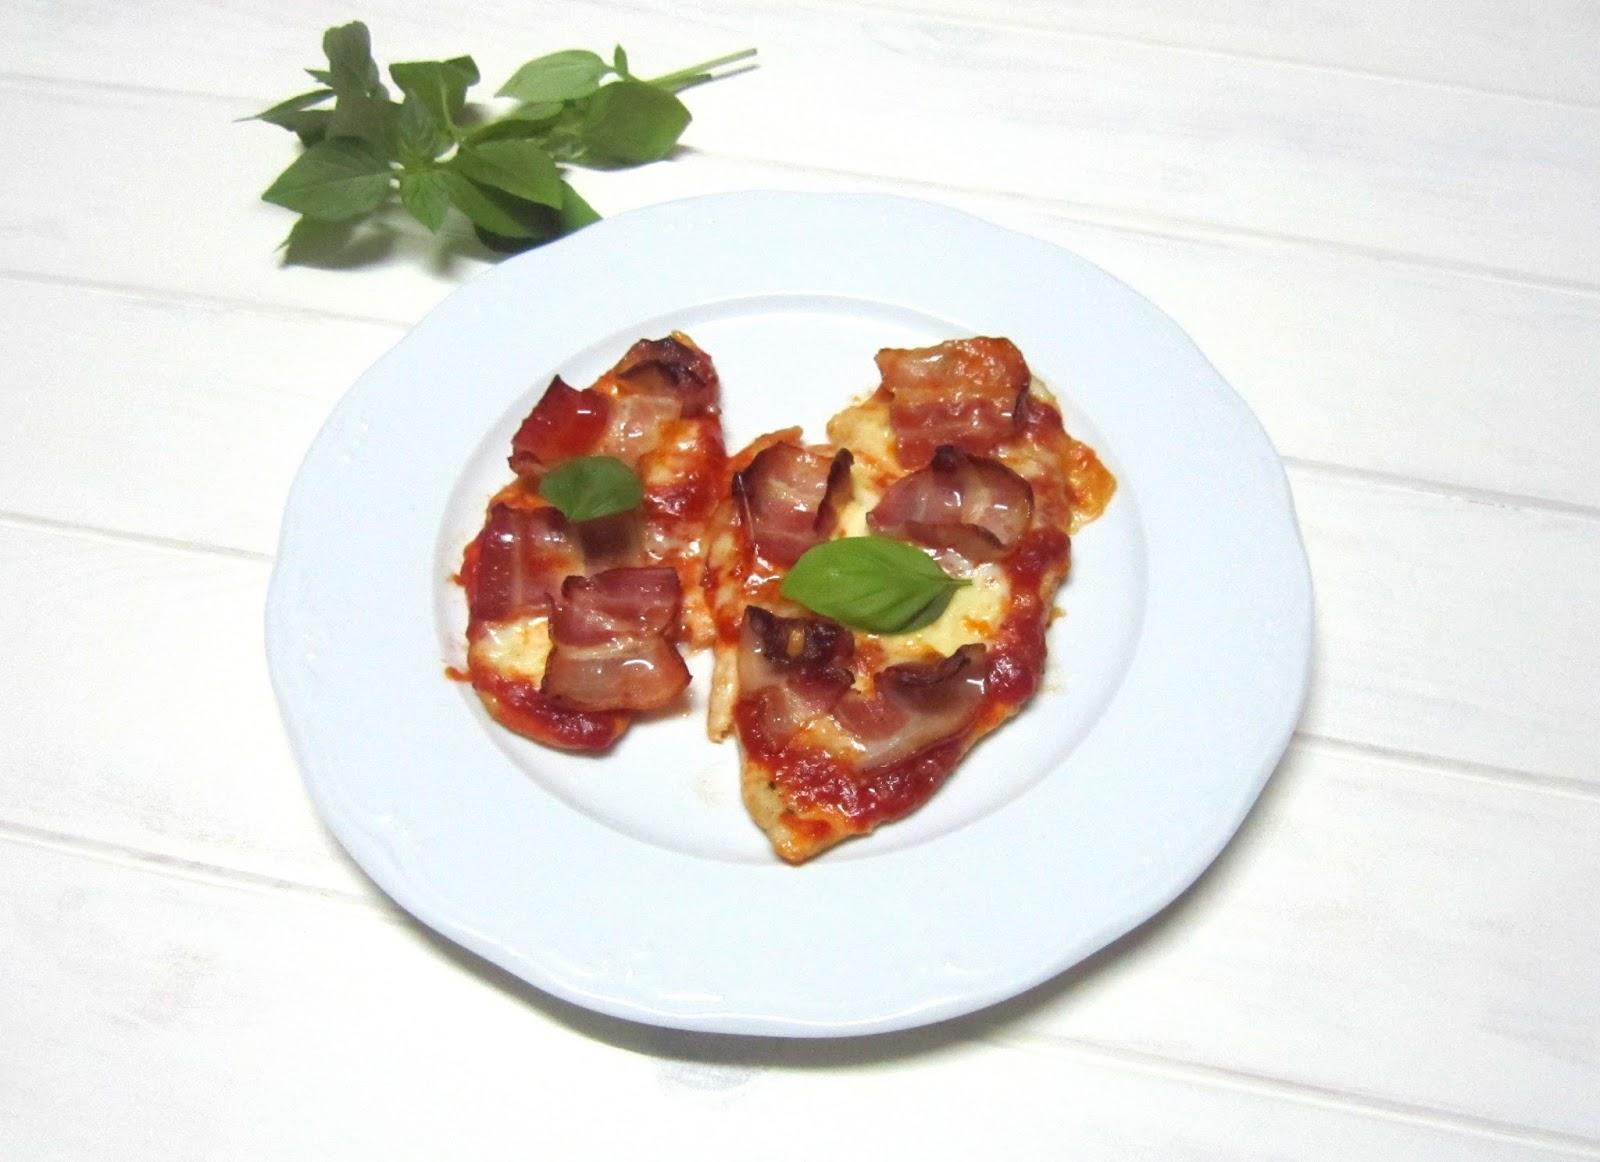 Pechuga de pollo al estilo italiano